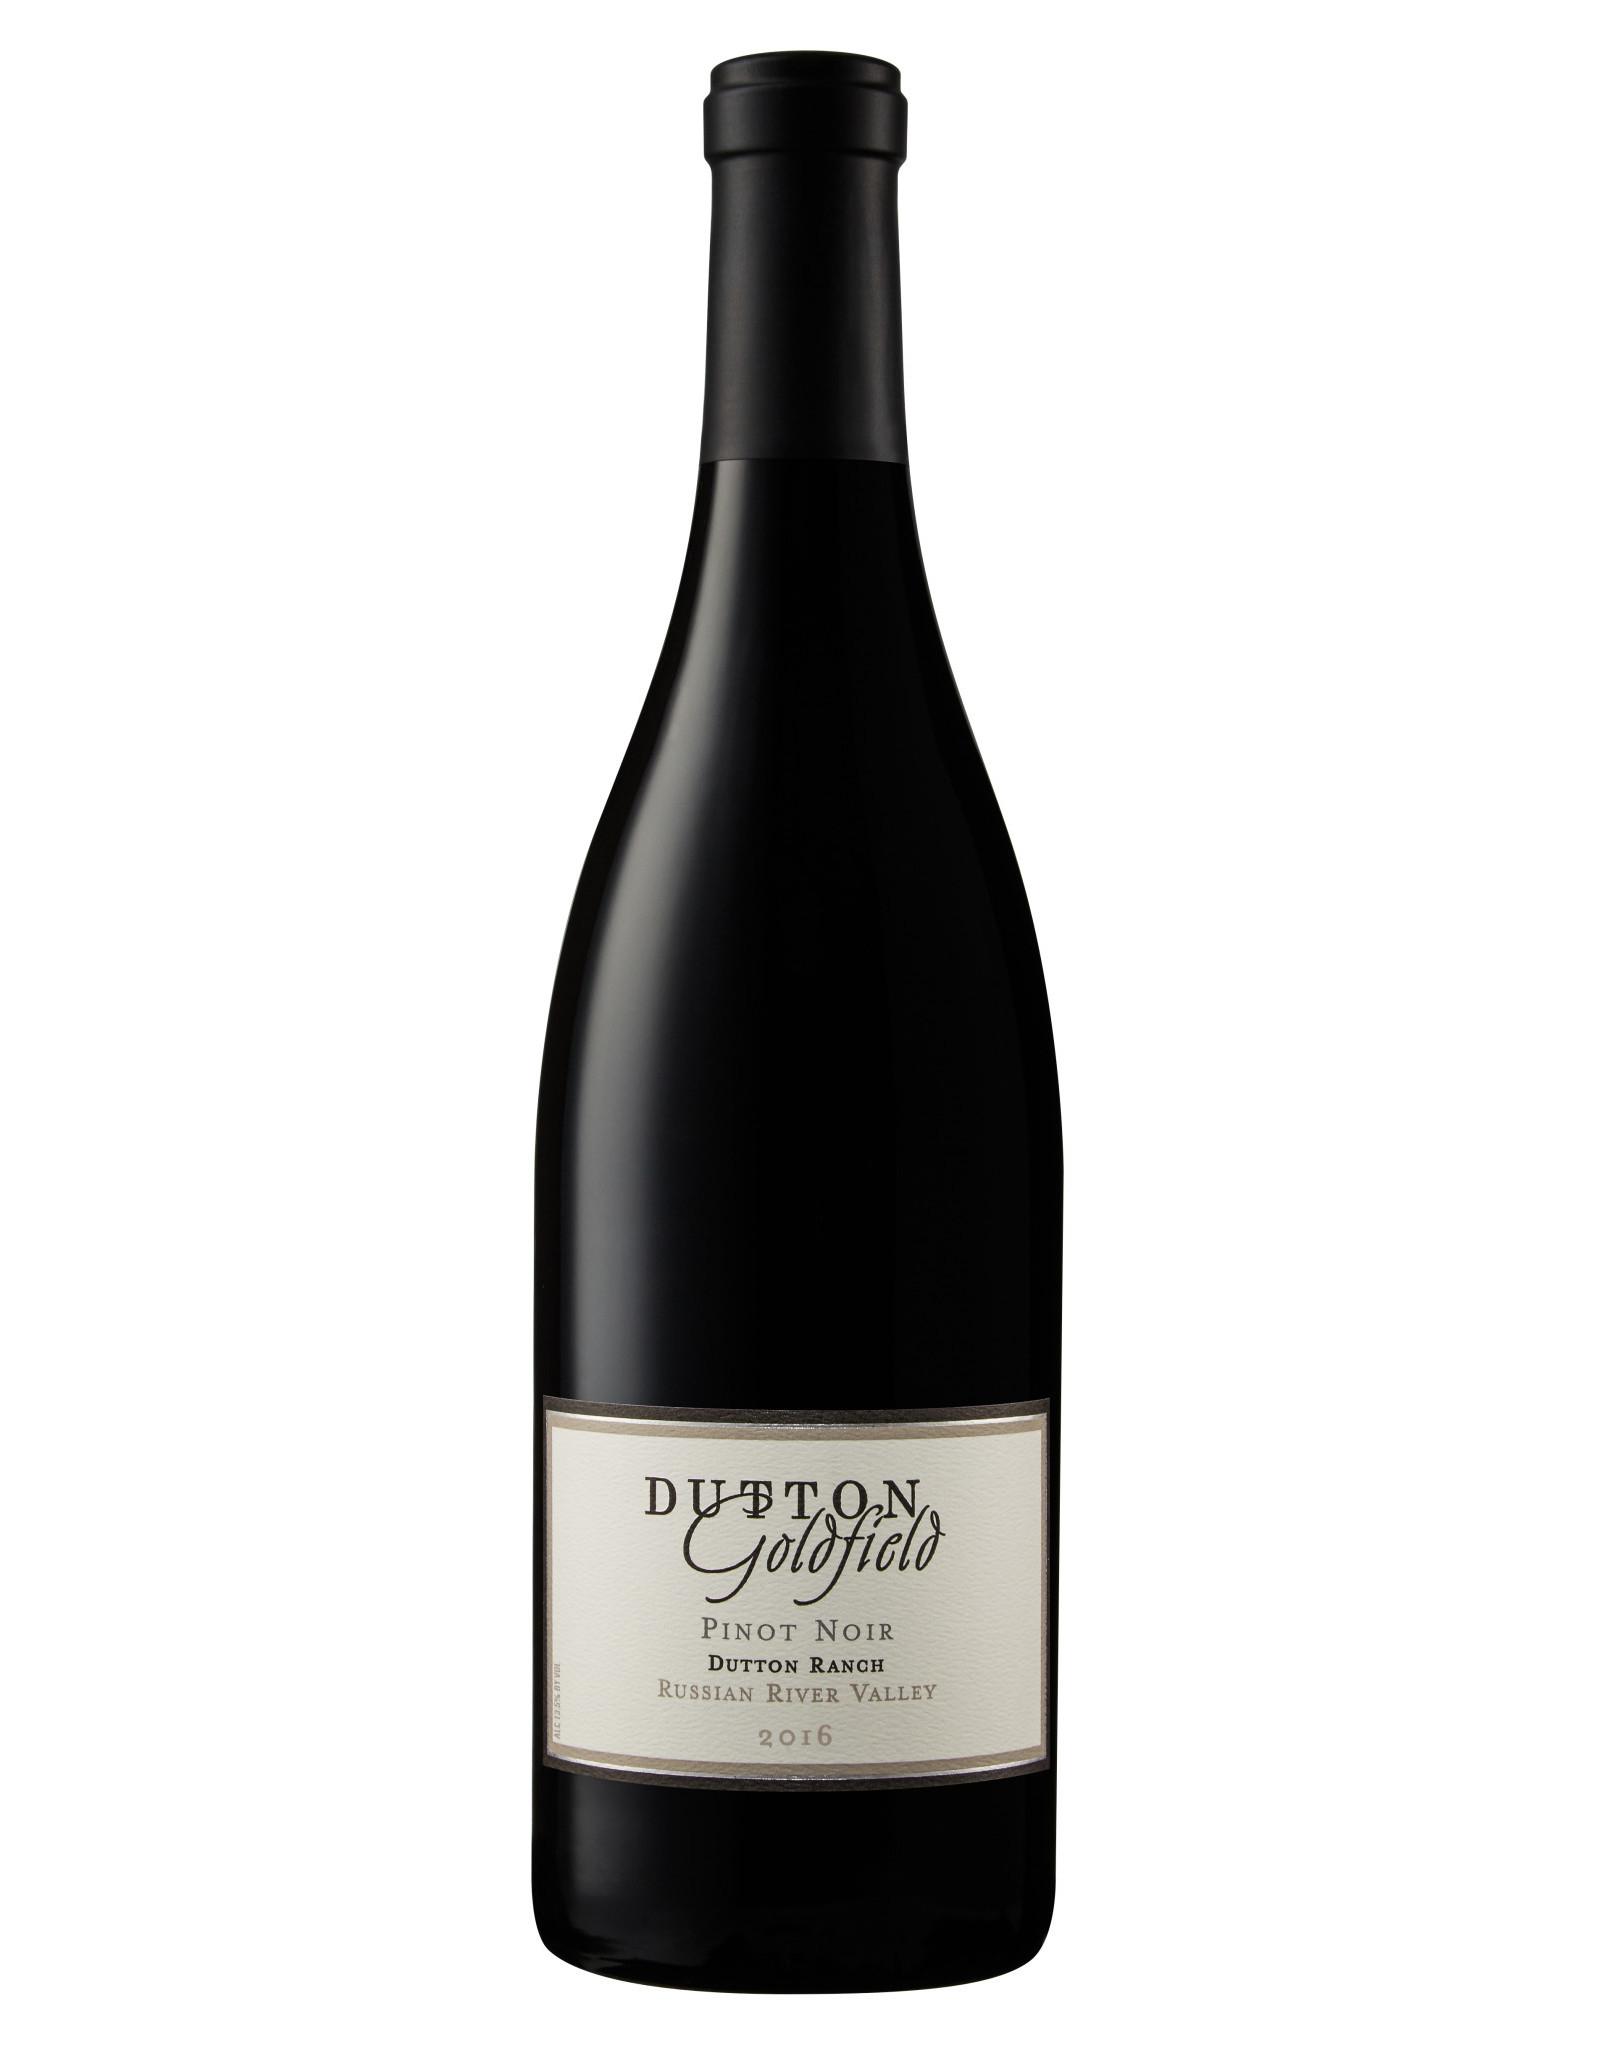 Dutton Ranch Fox Den Vineyard Green Valley Pinot Noir 2014